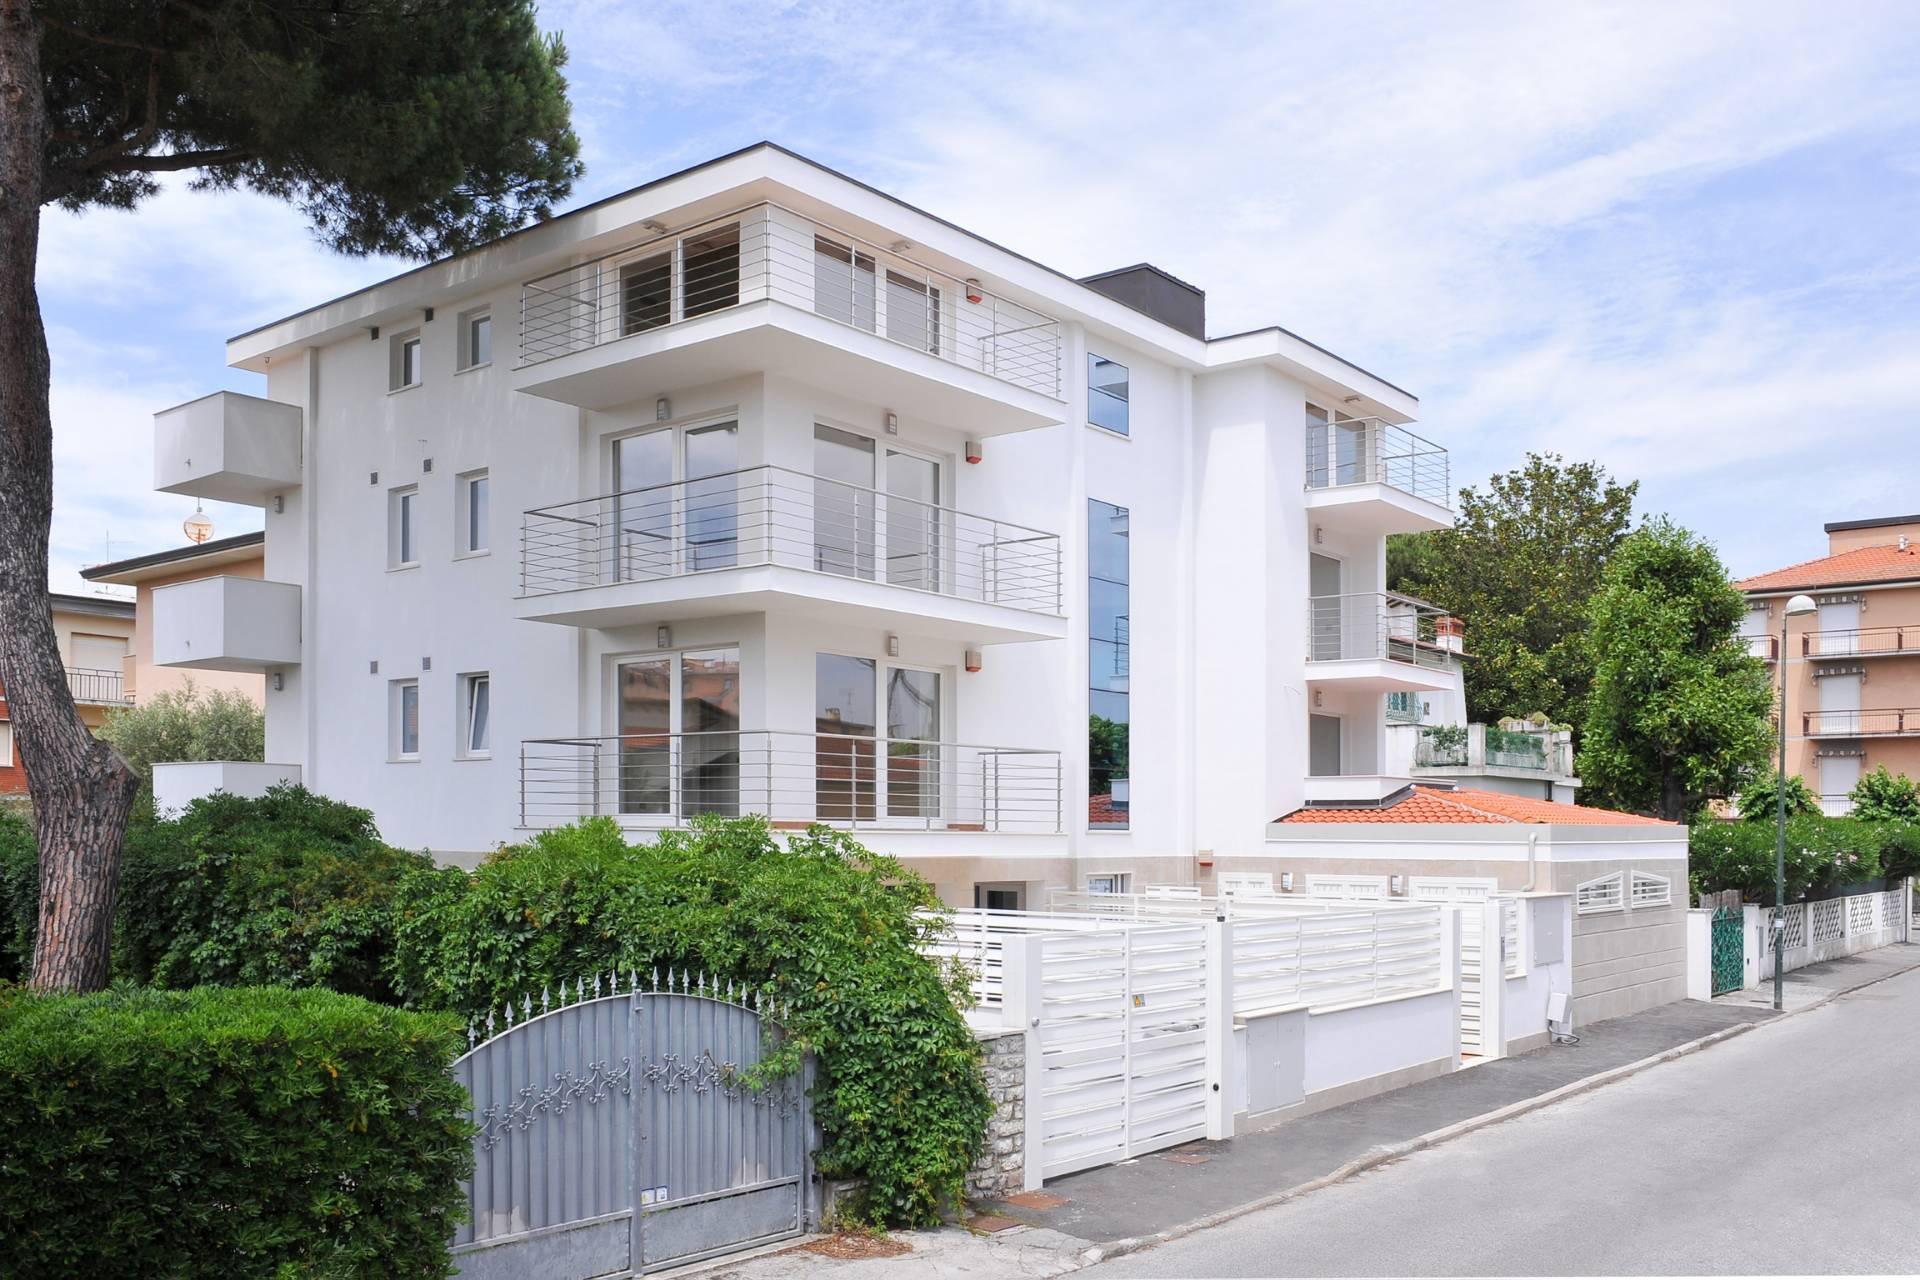 Casa indipendente in Vendita a Camaiore:  5 locali, 923 mq  - Foto 1